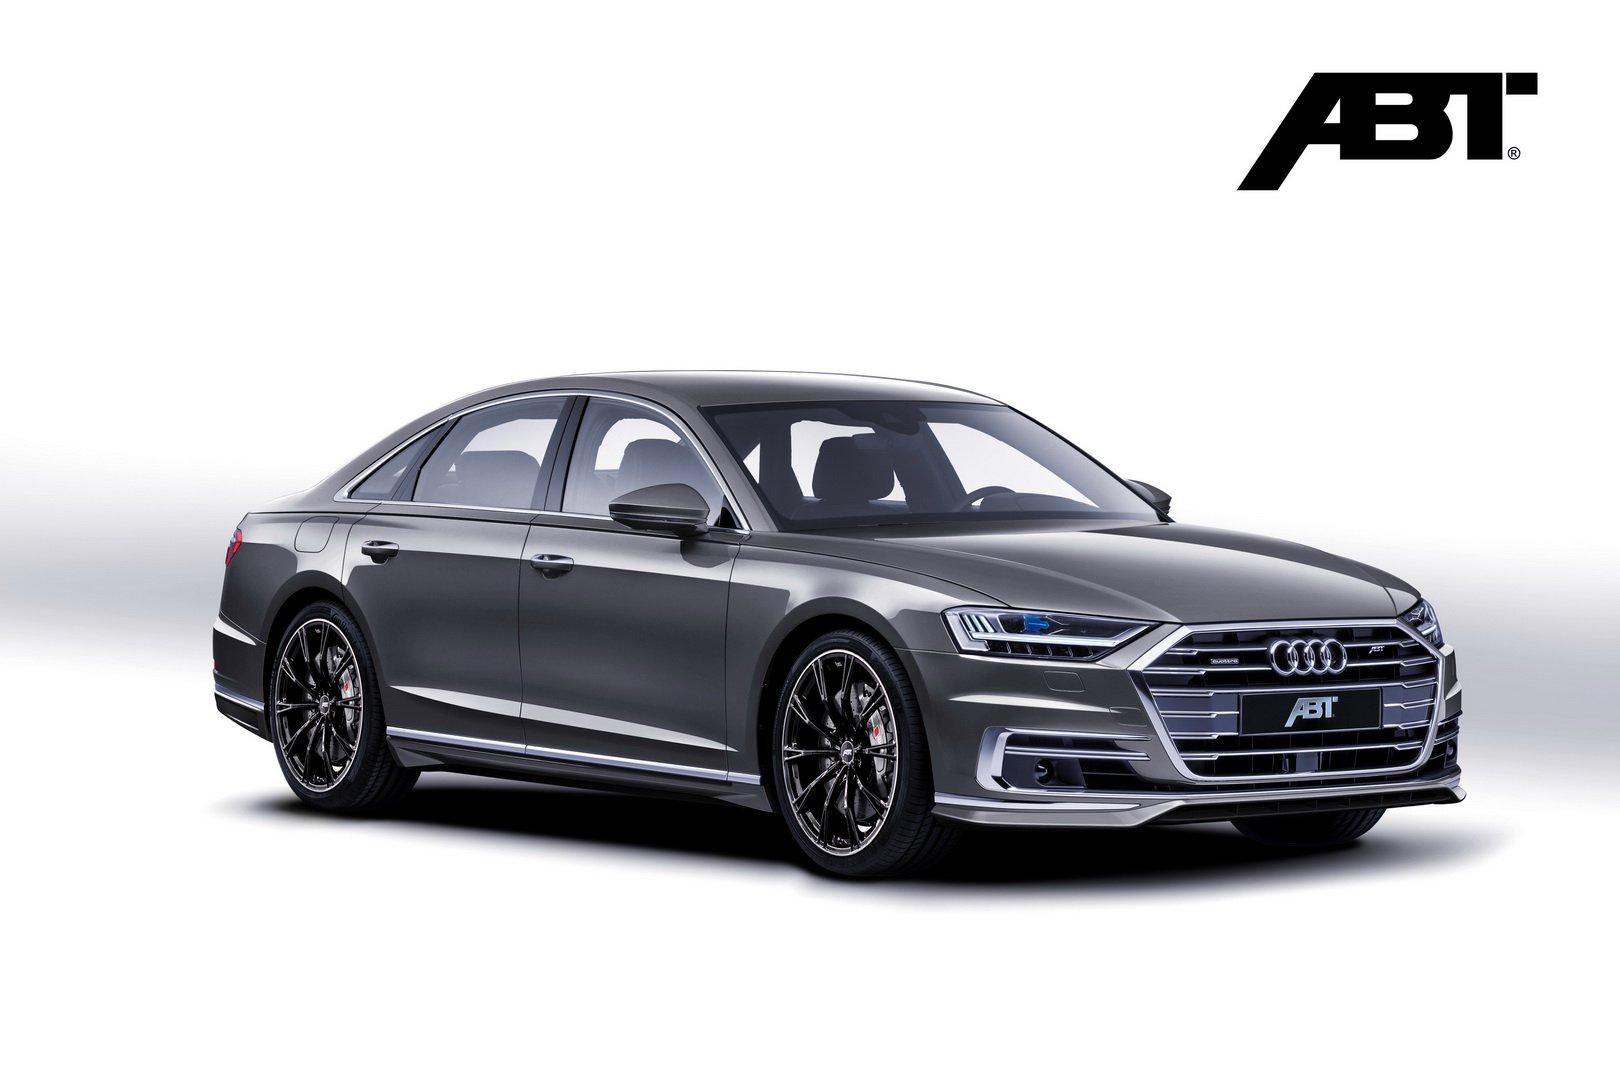 ABT le da un toque deportivo al Audi A8: Más exclusivo y potente